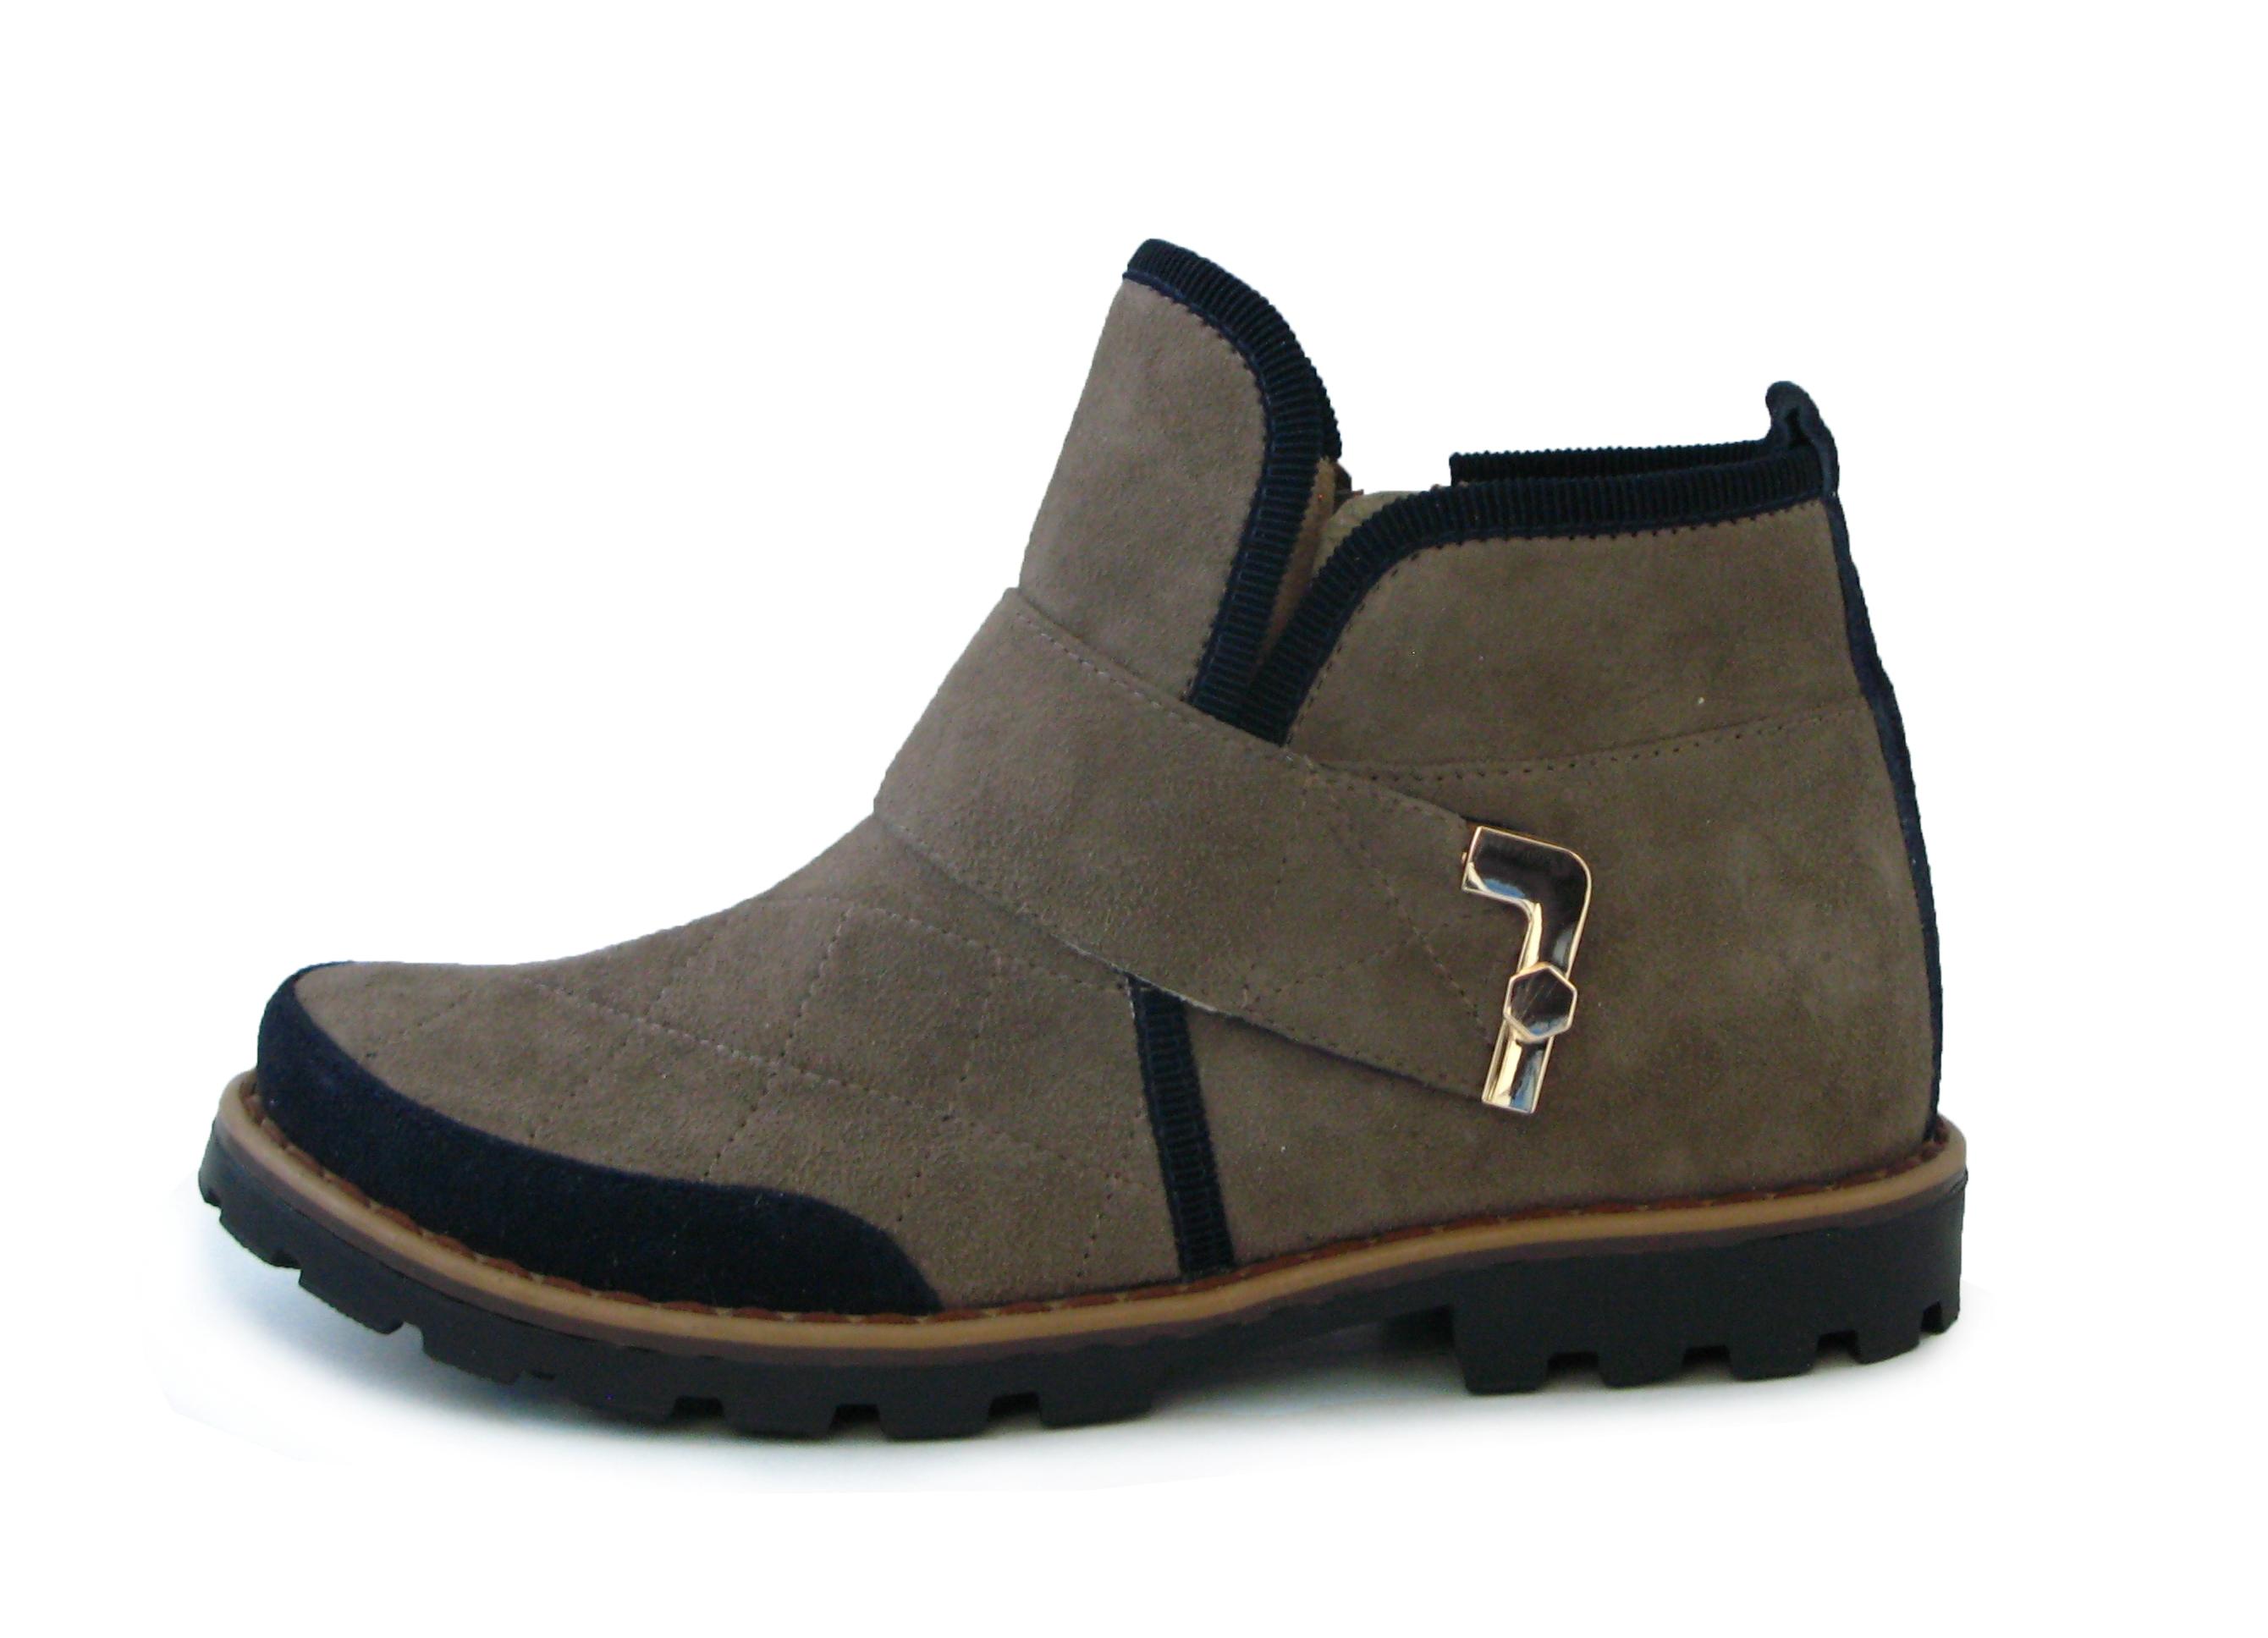 Брендовая обувь - качество высокое, цена низкая